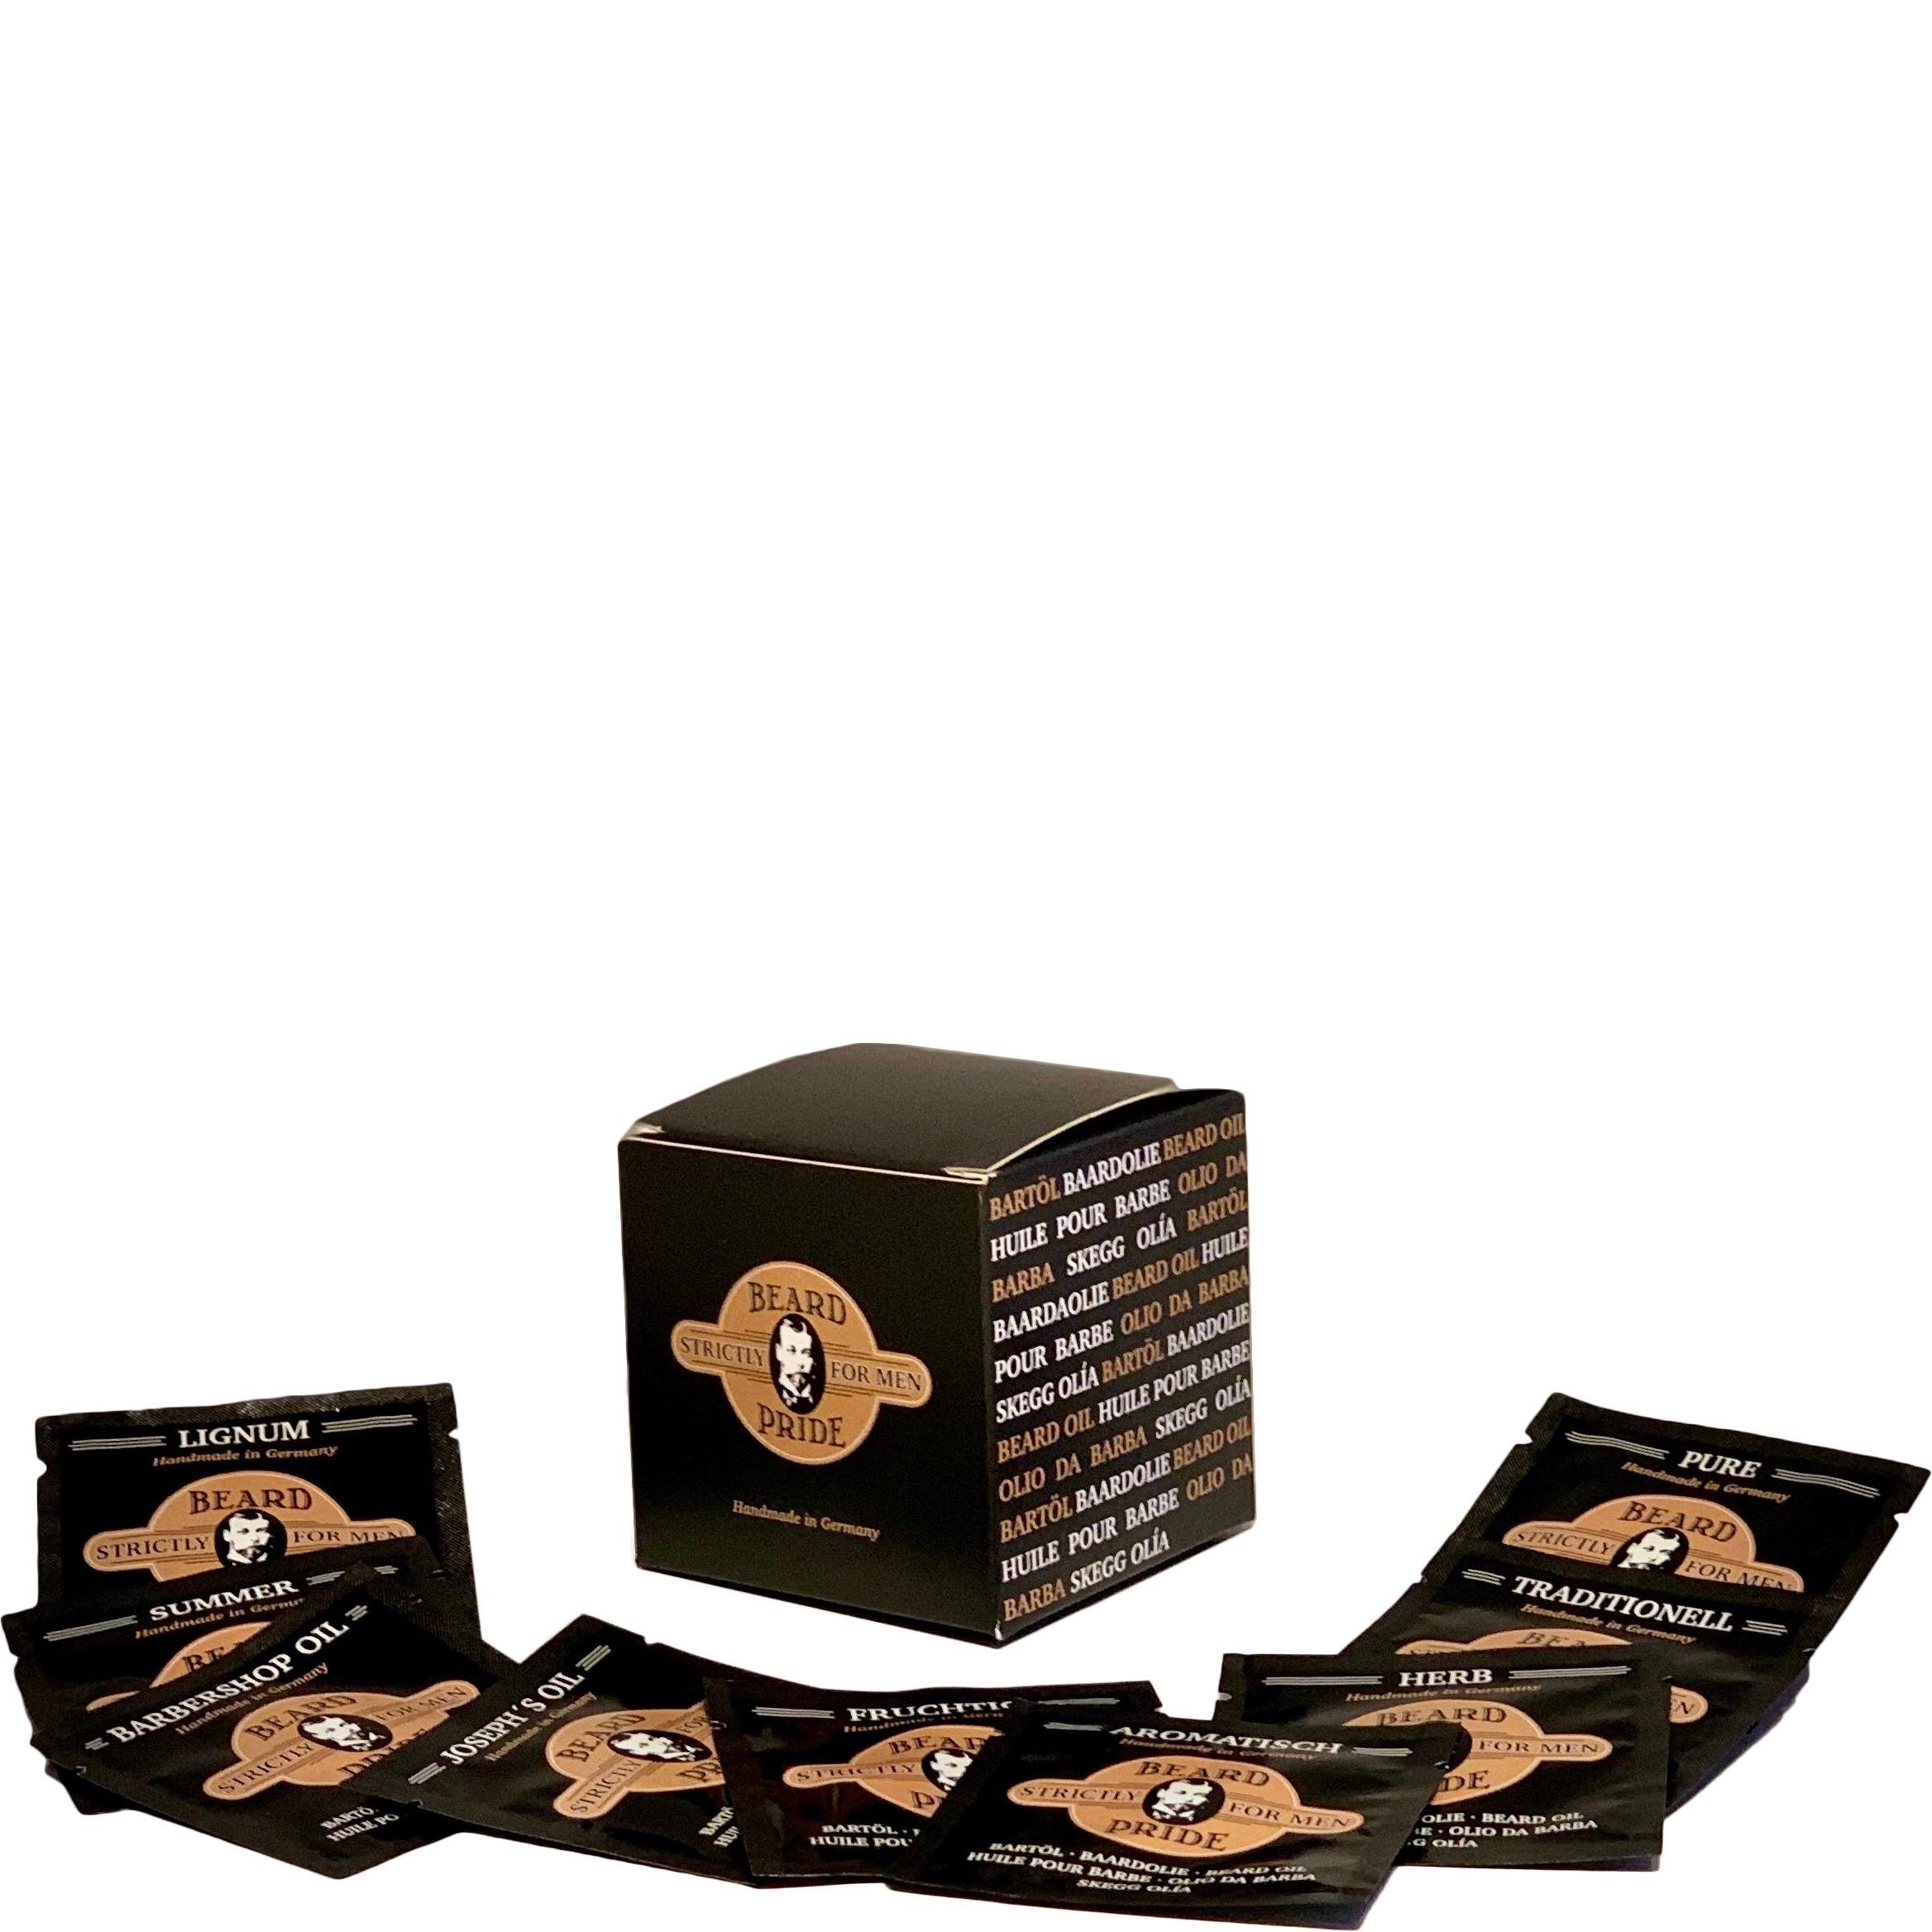 Baardolie Sample Pack